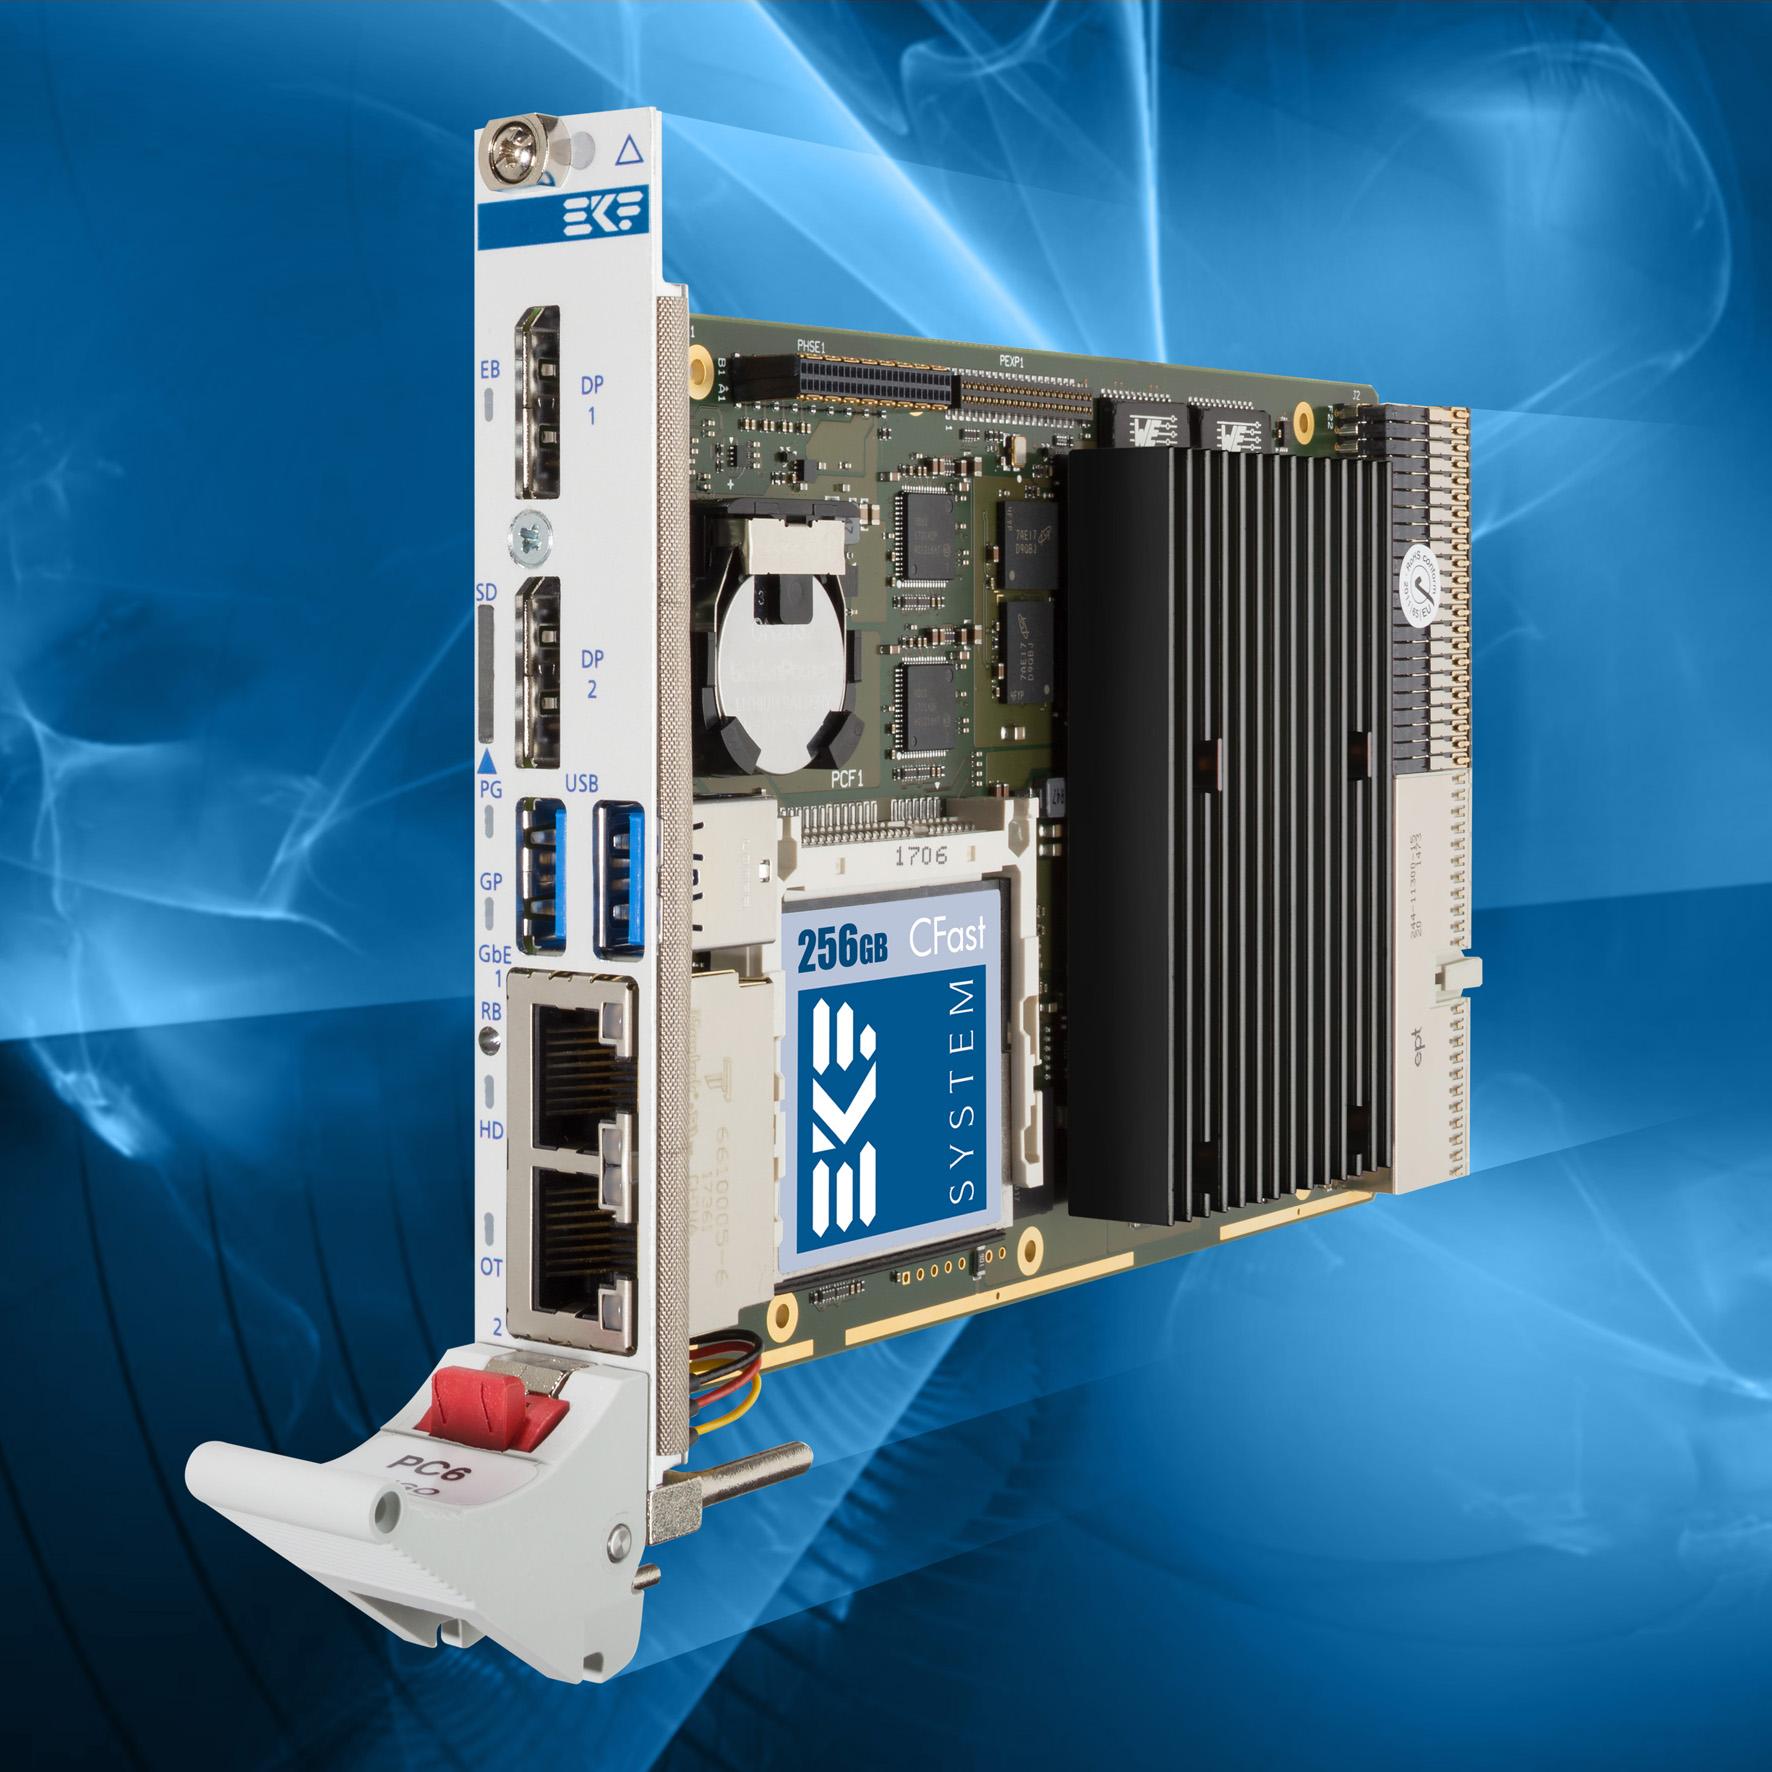 Ekf Compactpci Plusio Cpu Boards Pc6 Tango Intel Atom 3900 Soc Sata To Usb Plug Wiring Diagram F P With Dual Gbe Dp Usb3 Micro